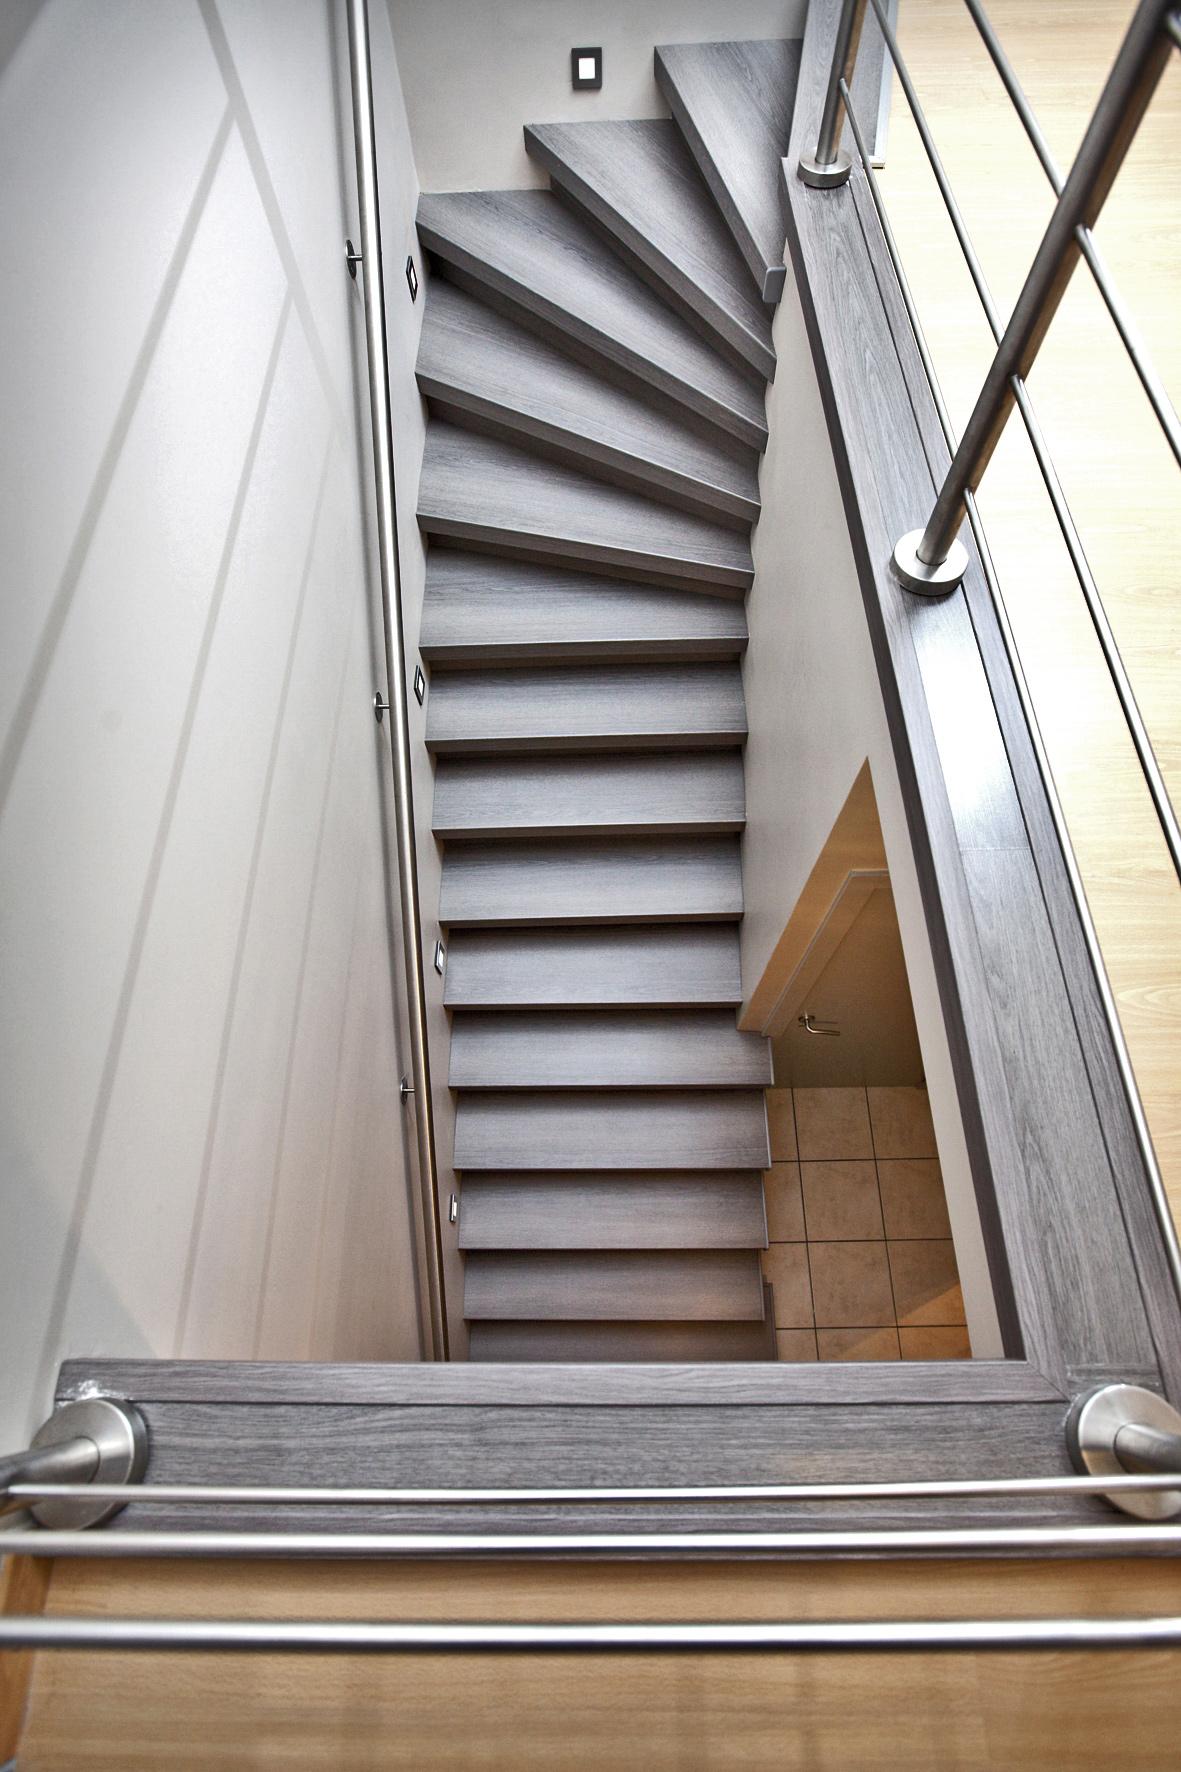 Treppengeländer Welches Holz ~ Berlin treppenrenovierung, Treppensanierung von Tresabo, Nr 1 in